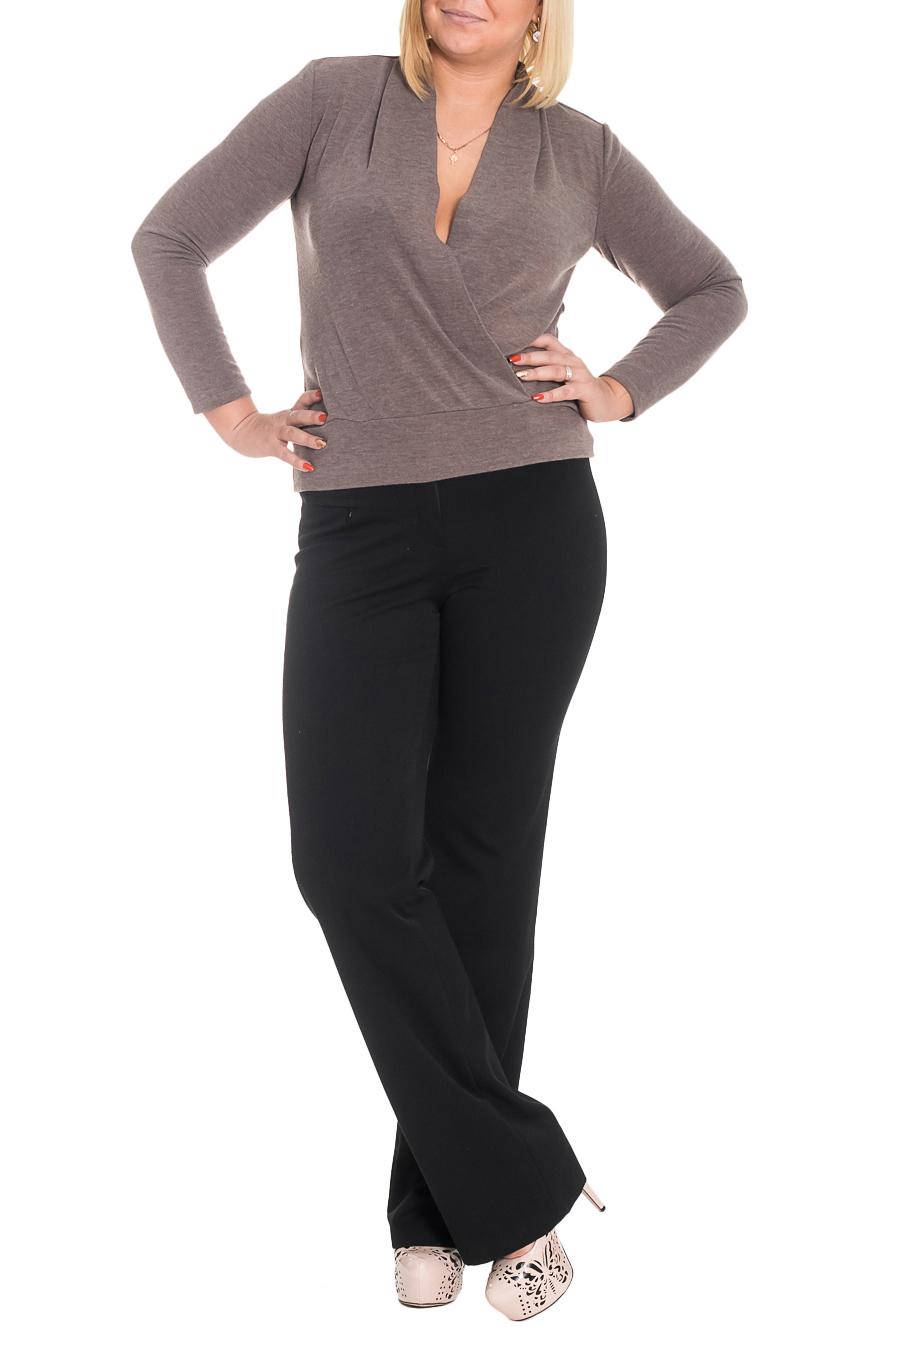 ПуловерДжемперы<br>Стильный пуловер прямого силуэта на запах. На спинке средний шов. По низу изделия планка. Борта обработаны обтачками. Воротник цельнокроенная стойка. Рукав втачной, длинный. Цвет: серо-коричневый.  Длина рукава - 60 ± 1 см  Рост девушки-фотомодели 170 см  Длина изделия: 44 размер - 62 ± 2 см 46 размер - 62 ± 2 см 48 размер - 62 ± 2 см 50 размер - 62 ± 2 см 52 размер - 65 ± 2 см 54 размер - 65 ± 2 см 56 размер - 65 ± 2 см<br><br>Горловина: V- горловина<br>По материалу: Трикотаж<br>По рисунку: Однотонные<br>По сезону: Зима,Осень,Весна<br>По силуэту: Полуприталенные,Прямые<br>По стилю: Классический стиль,Кэжуал,Повседневный стиль<br>По элементам: С декором,Со складками<br>Рукав: Длинный рукав<br>Размер : 46,50<br>Материал: Трикотаж<br>Количество в наличии: 9